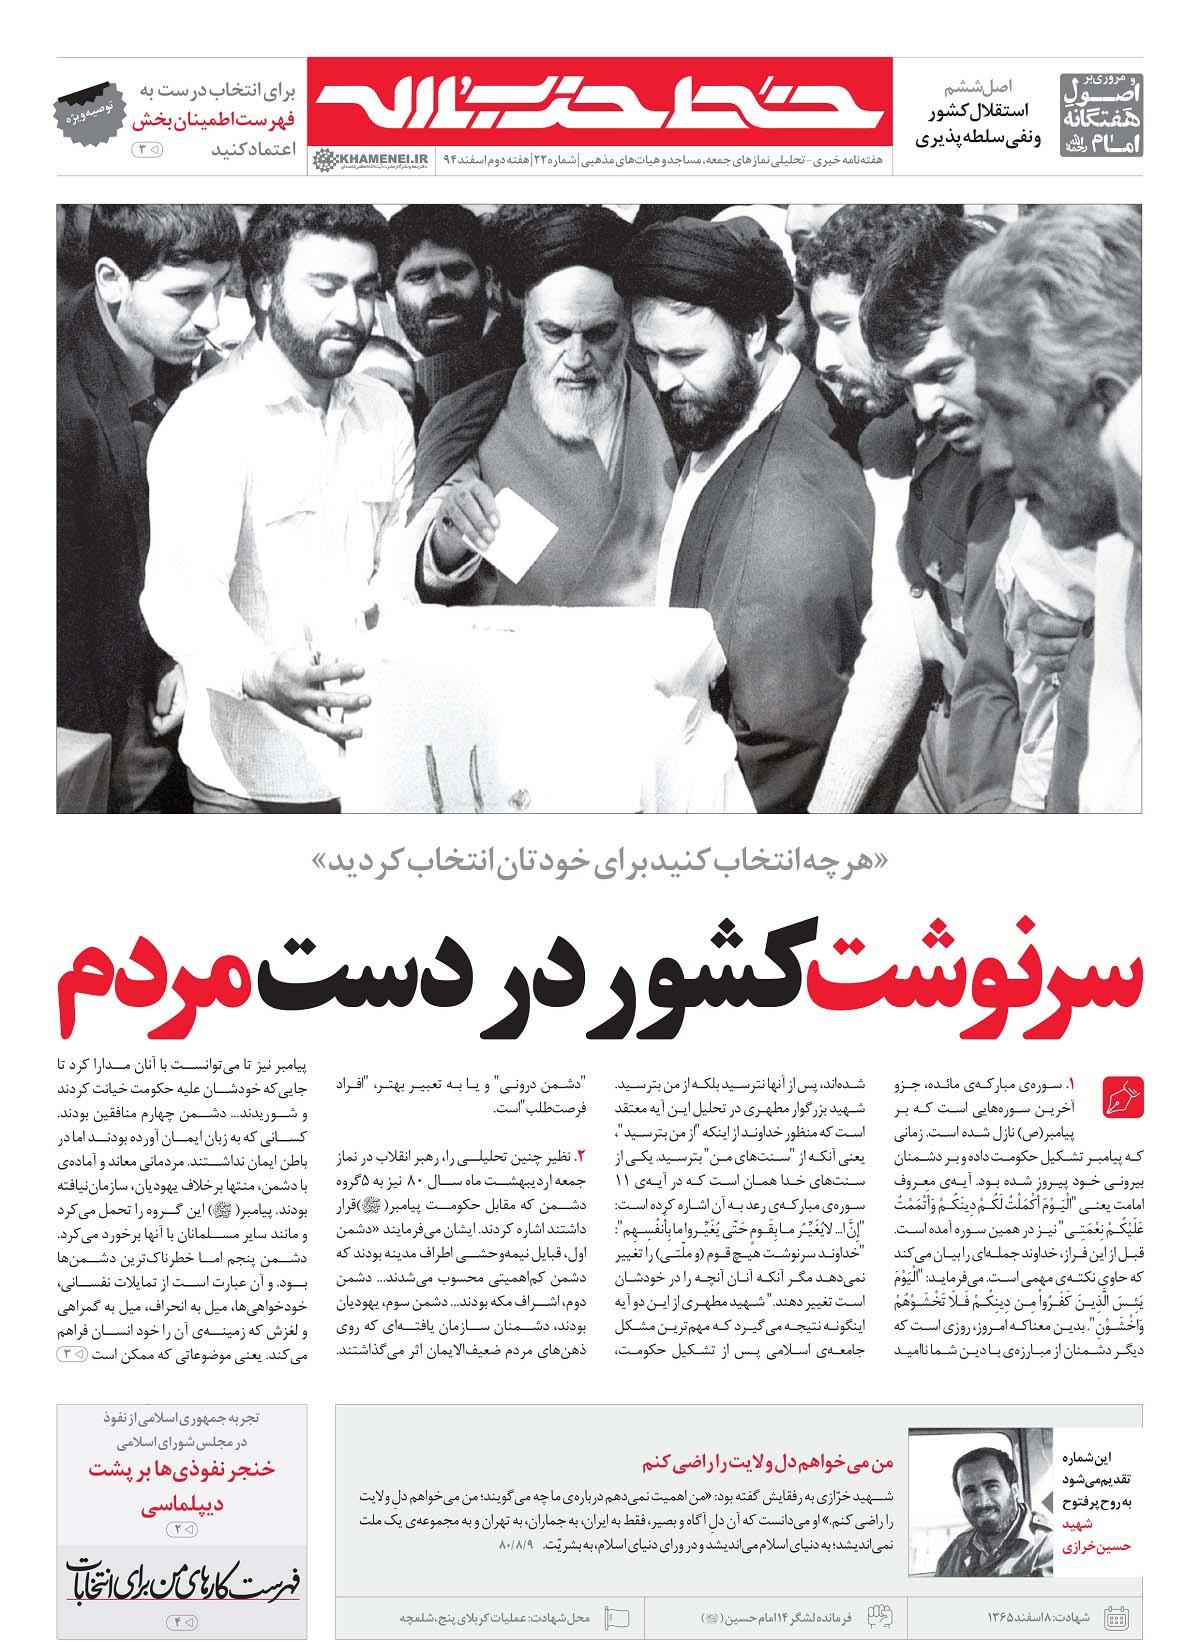 خط حزبالله به ایستگاه انتخابات رسید